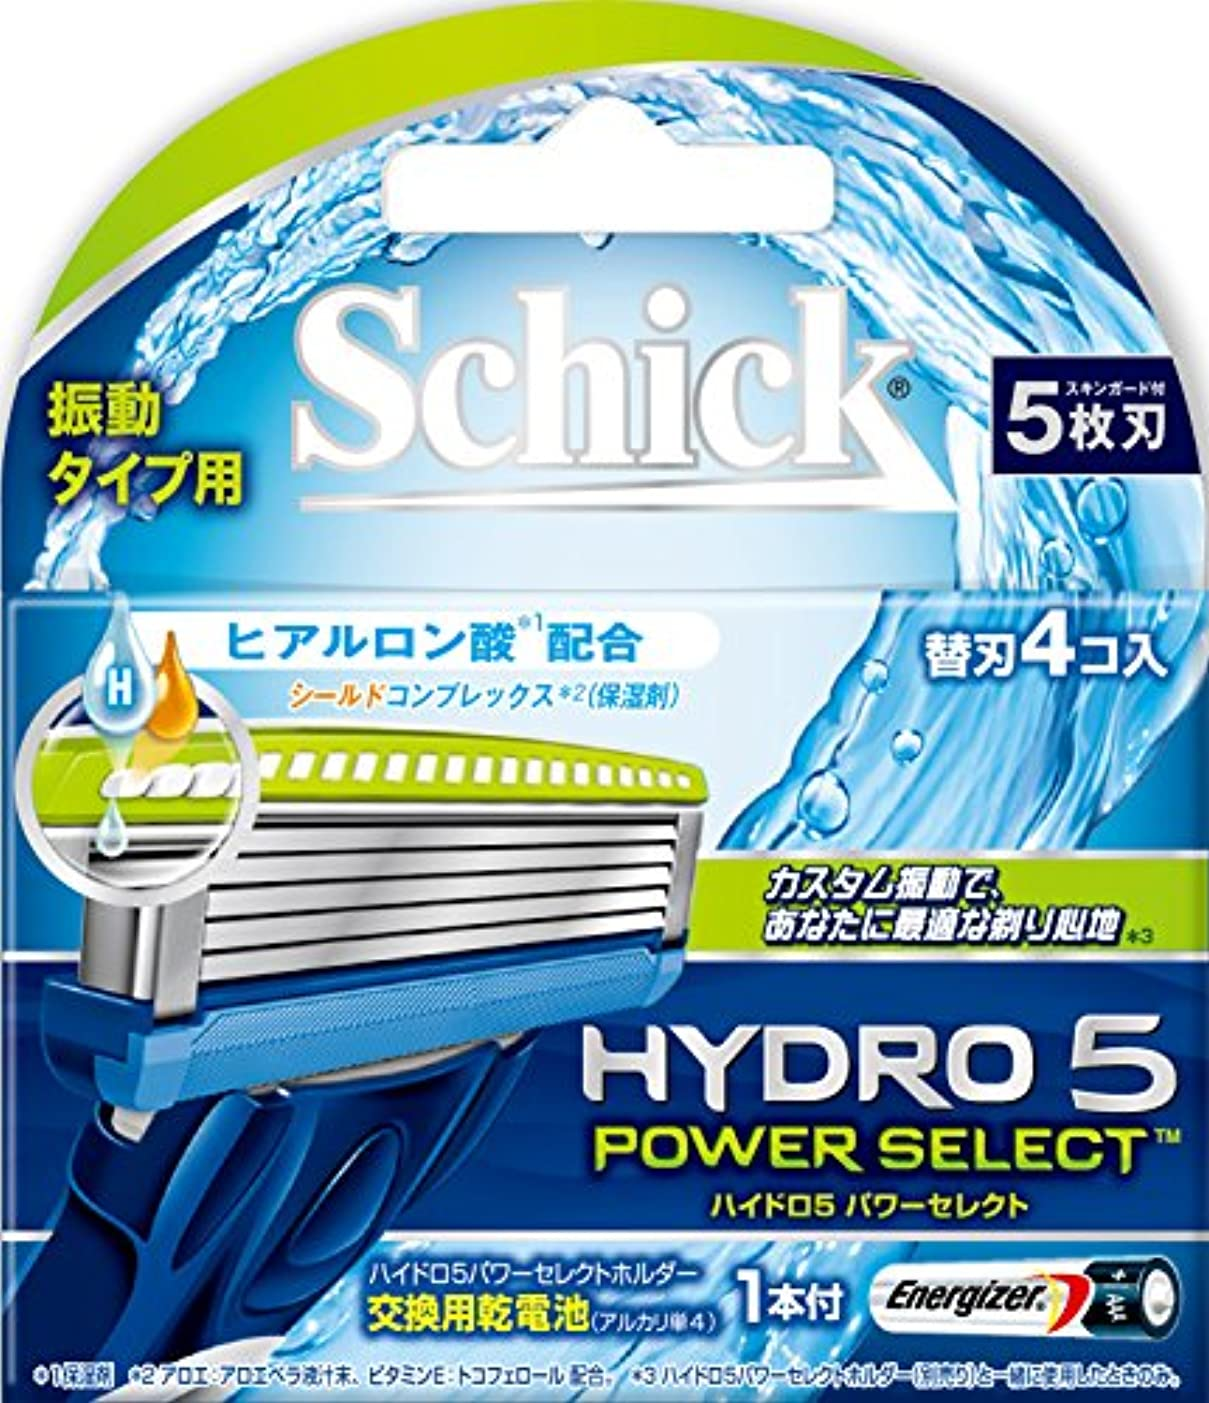 クレタアクション電気陽性シック ハイドロ5 パワーセレクト 替刃 4コ入